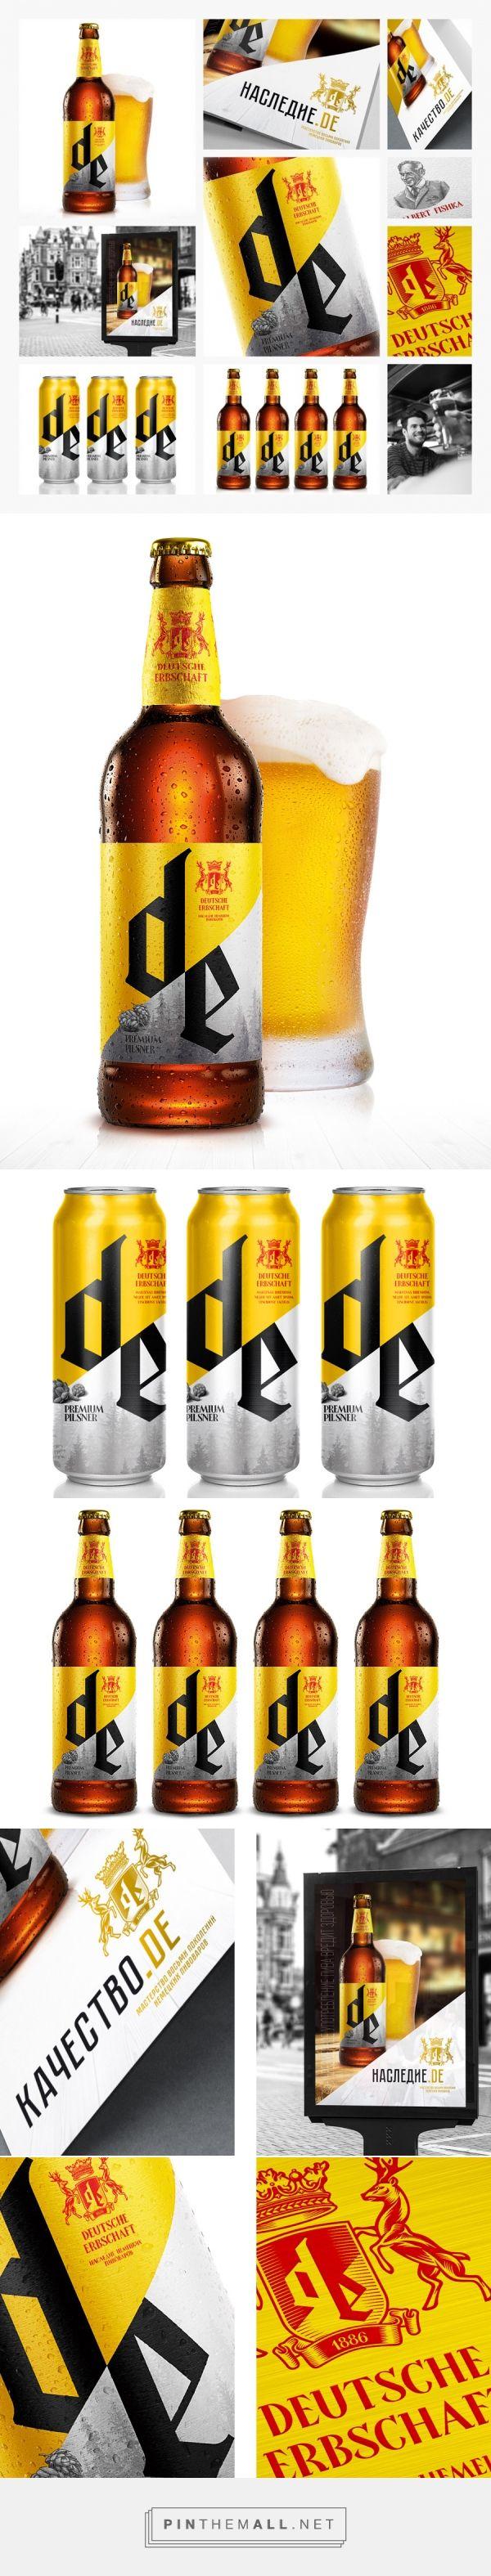 Deutschе Erbschaft German Beer Packaging Design by KIAN - http://www.packagingoftheworld.com/2016/06/deutsch-erbschaft-german-heritage.html